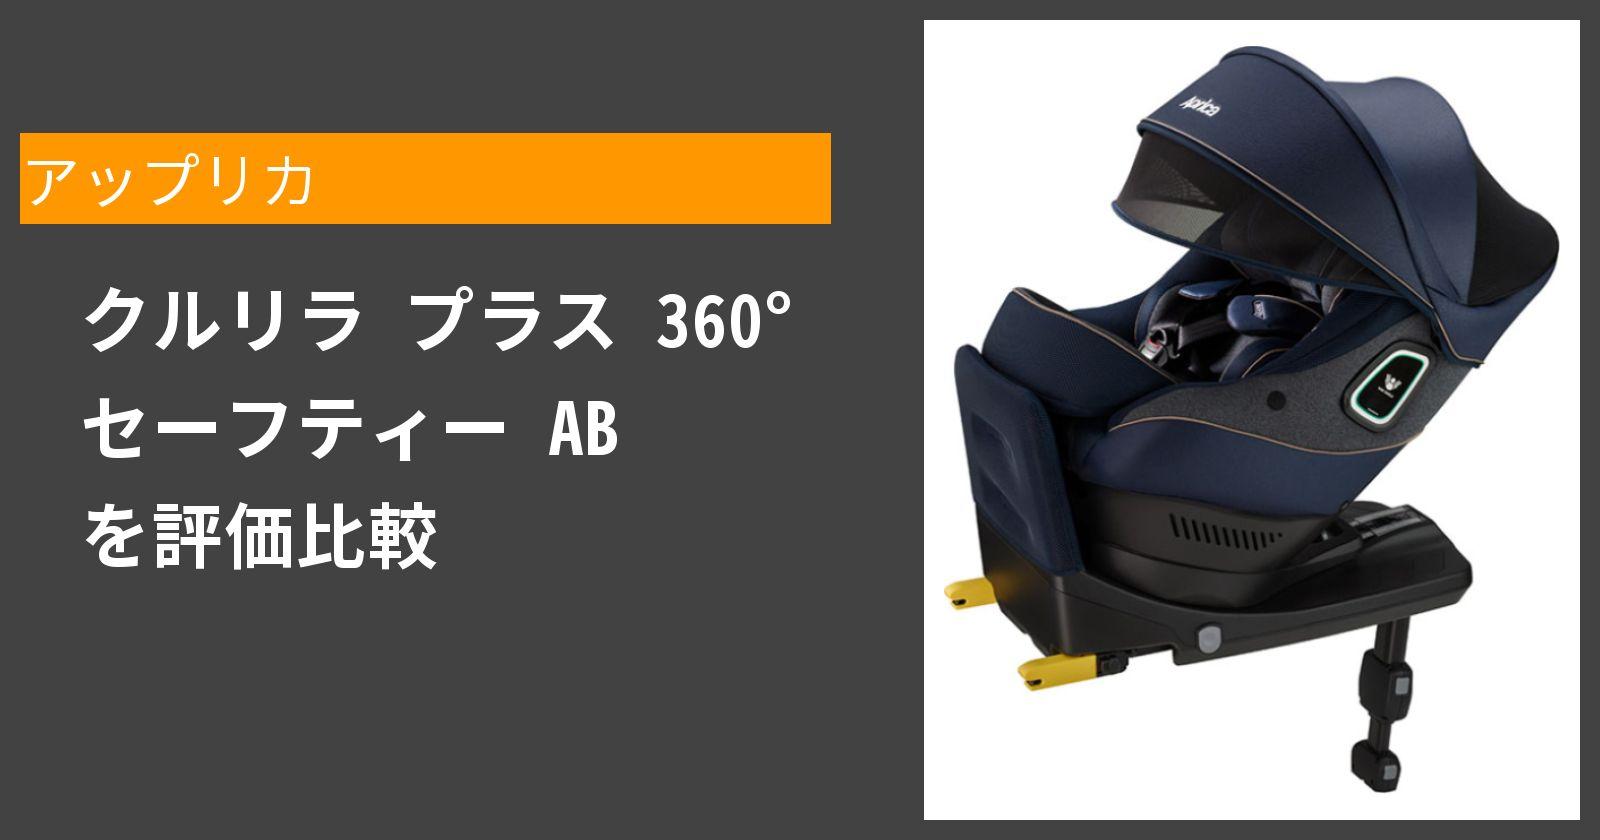 クルリラ プラス 360° セーフティー ABを徹底評価